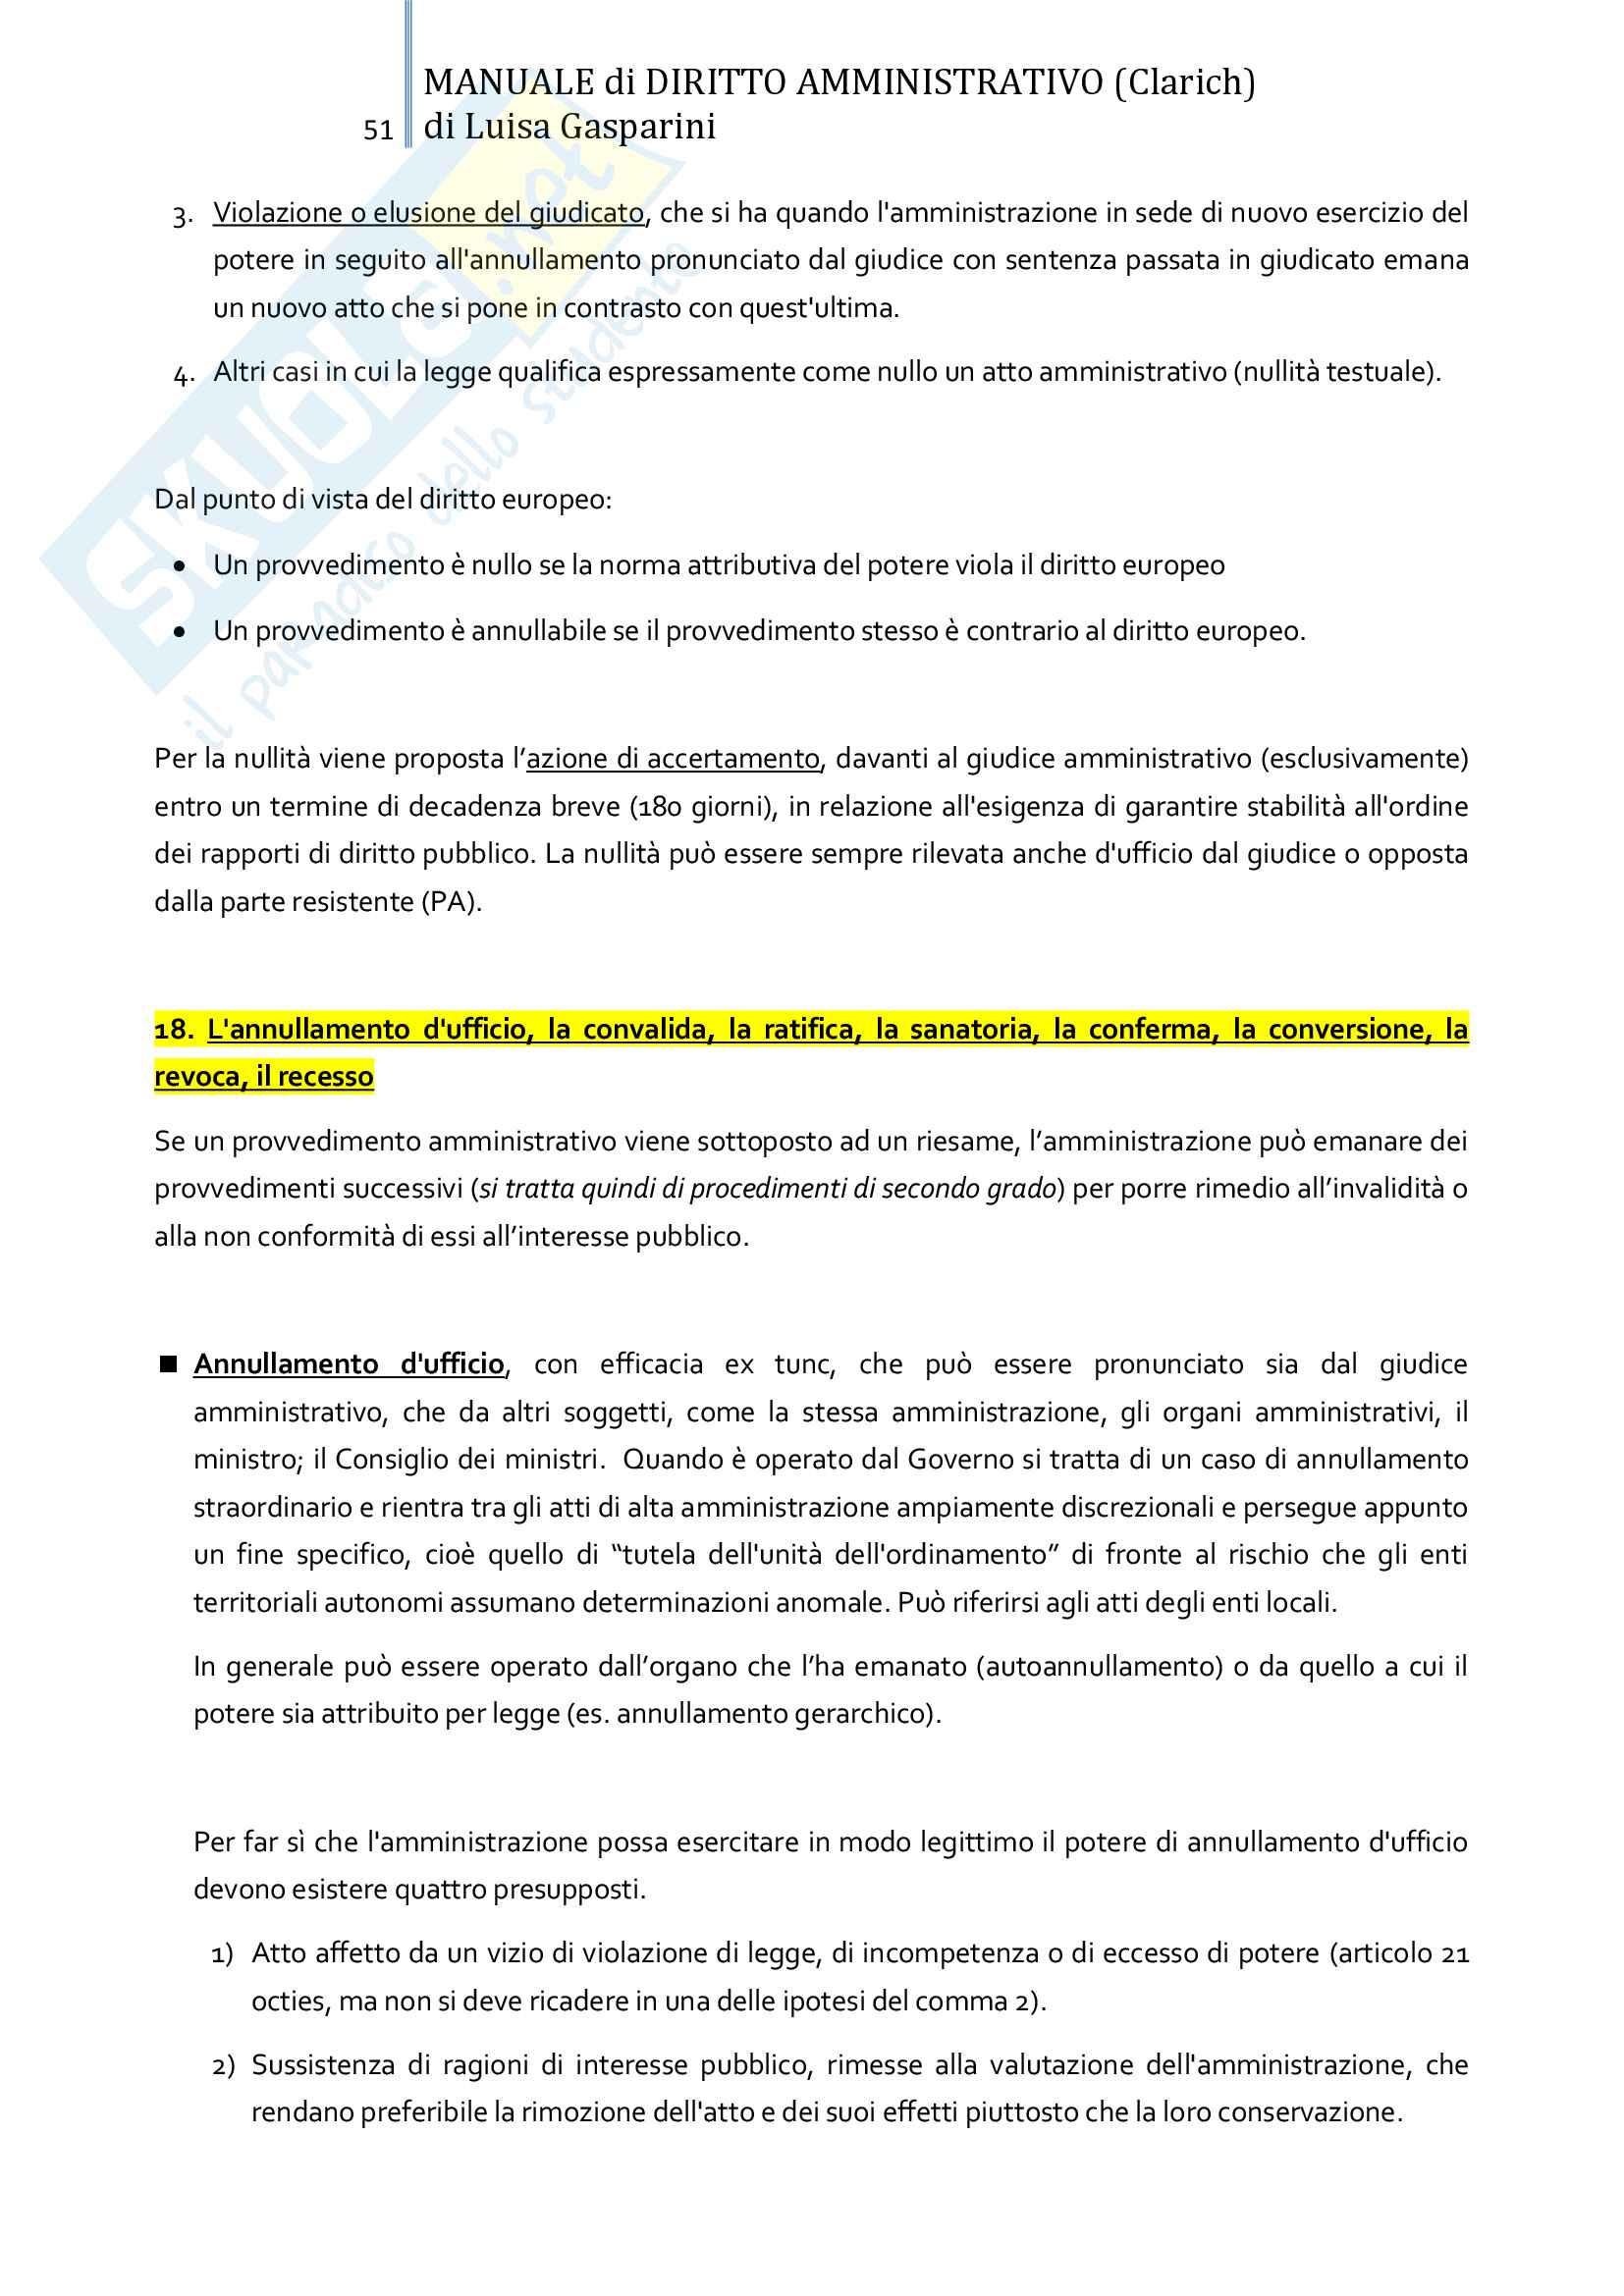 Riassunto esame Diritto amministrativo, professor Leonardi. Testo consigliato Manuale di Diritto Amministrativo, Clarich Pag. 51